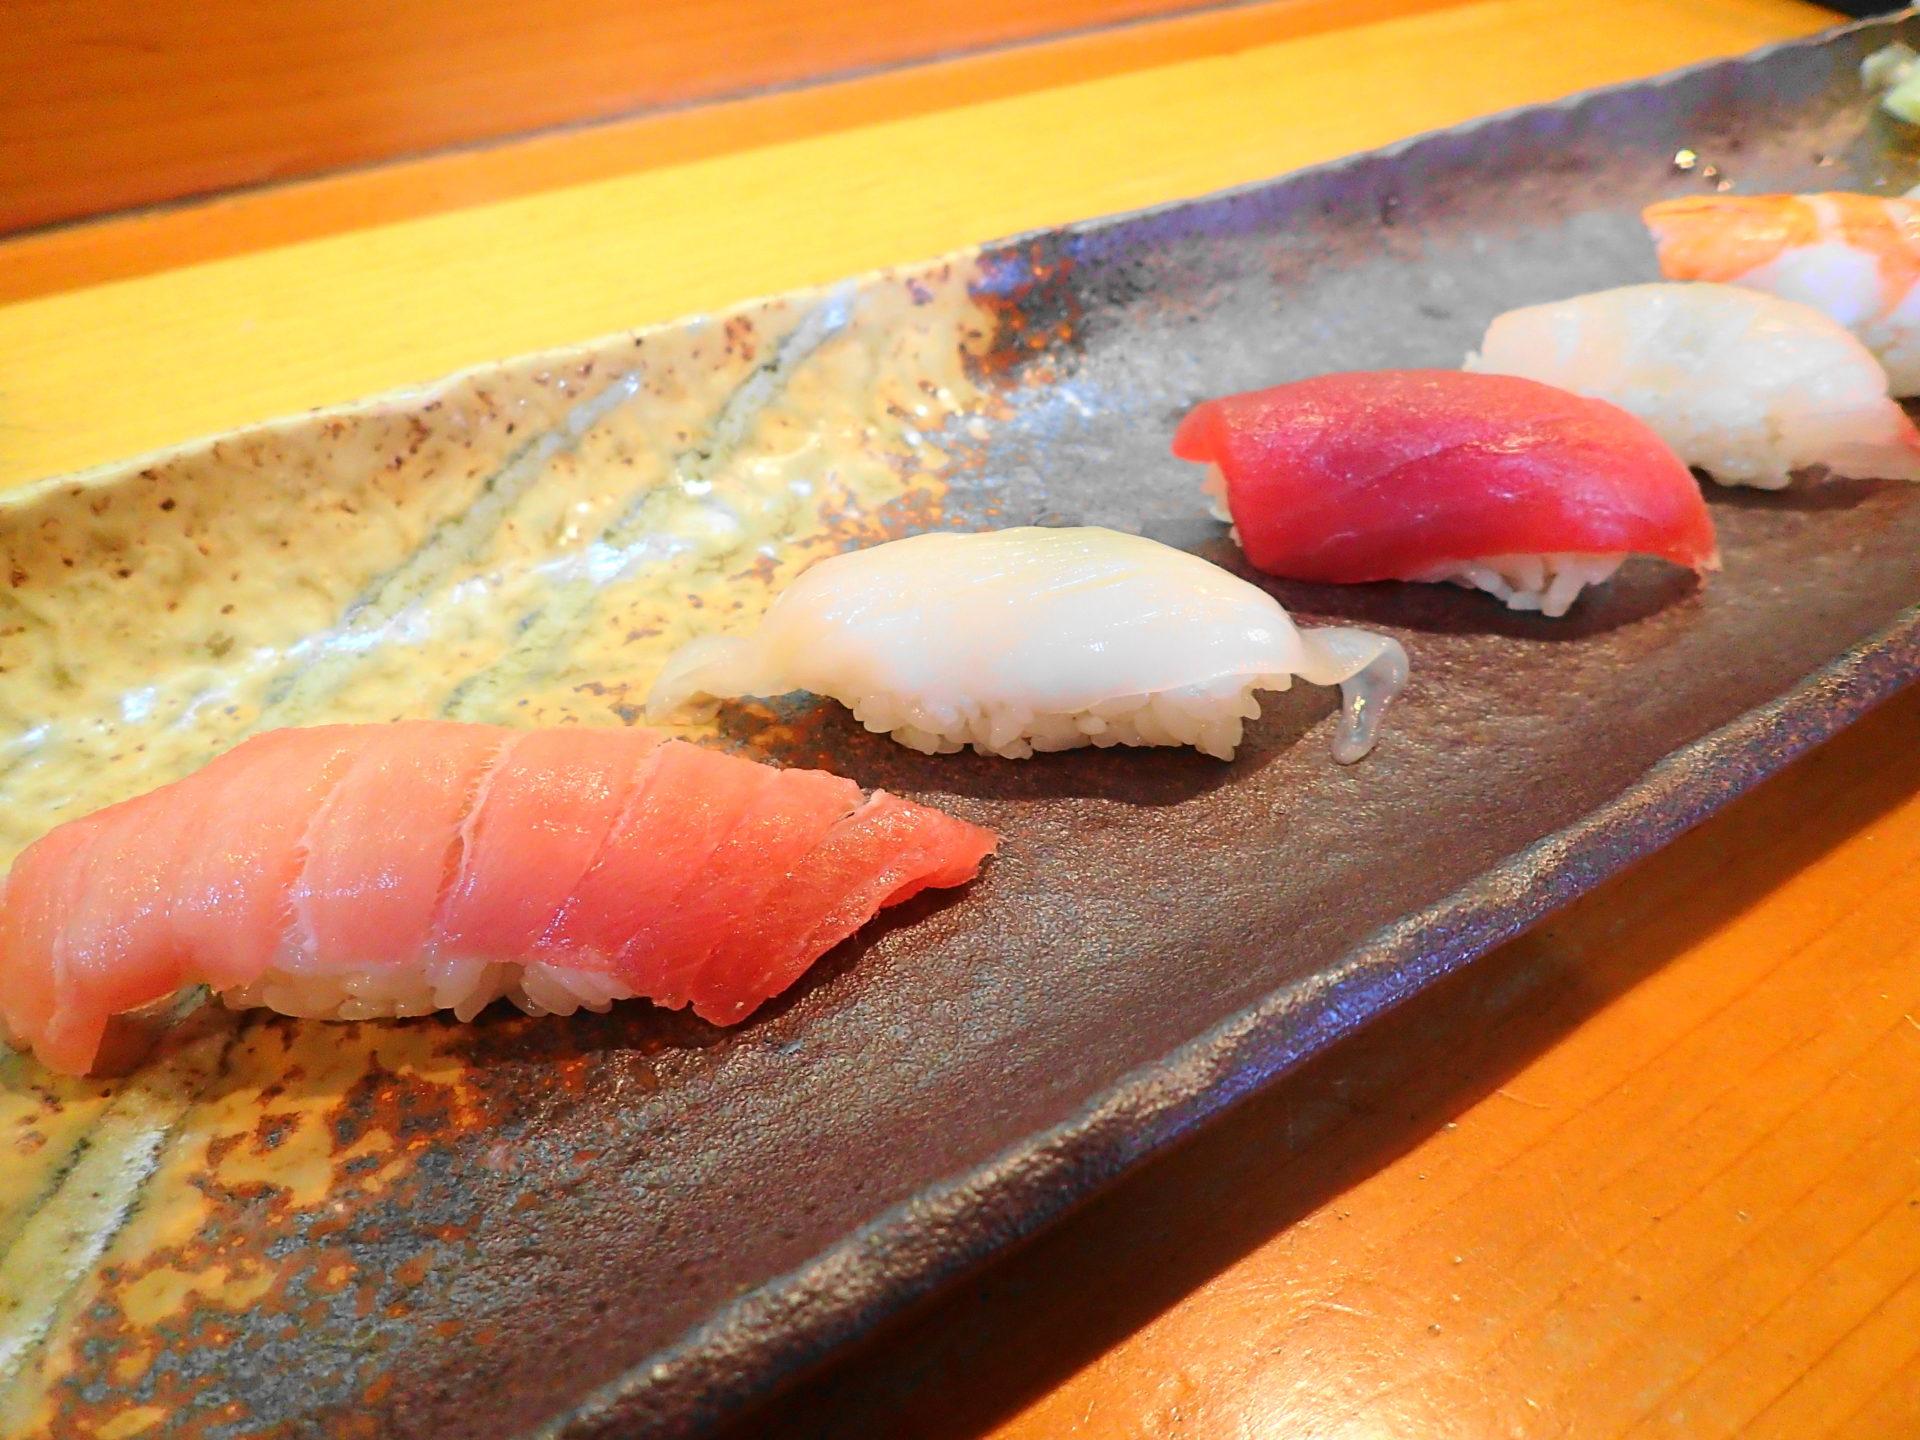 茨城>寿司 アーカイブ - いばらじお♪ 茨城の美味しい寿司屋を紹介します